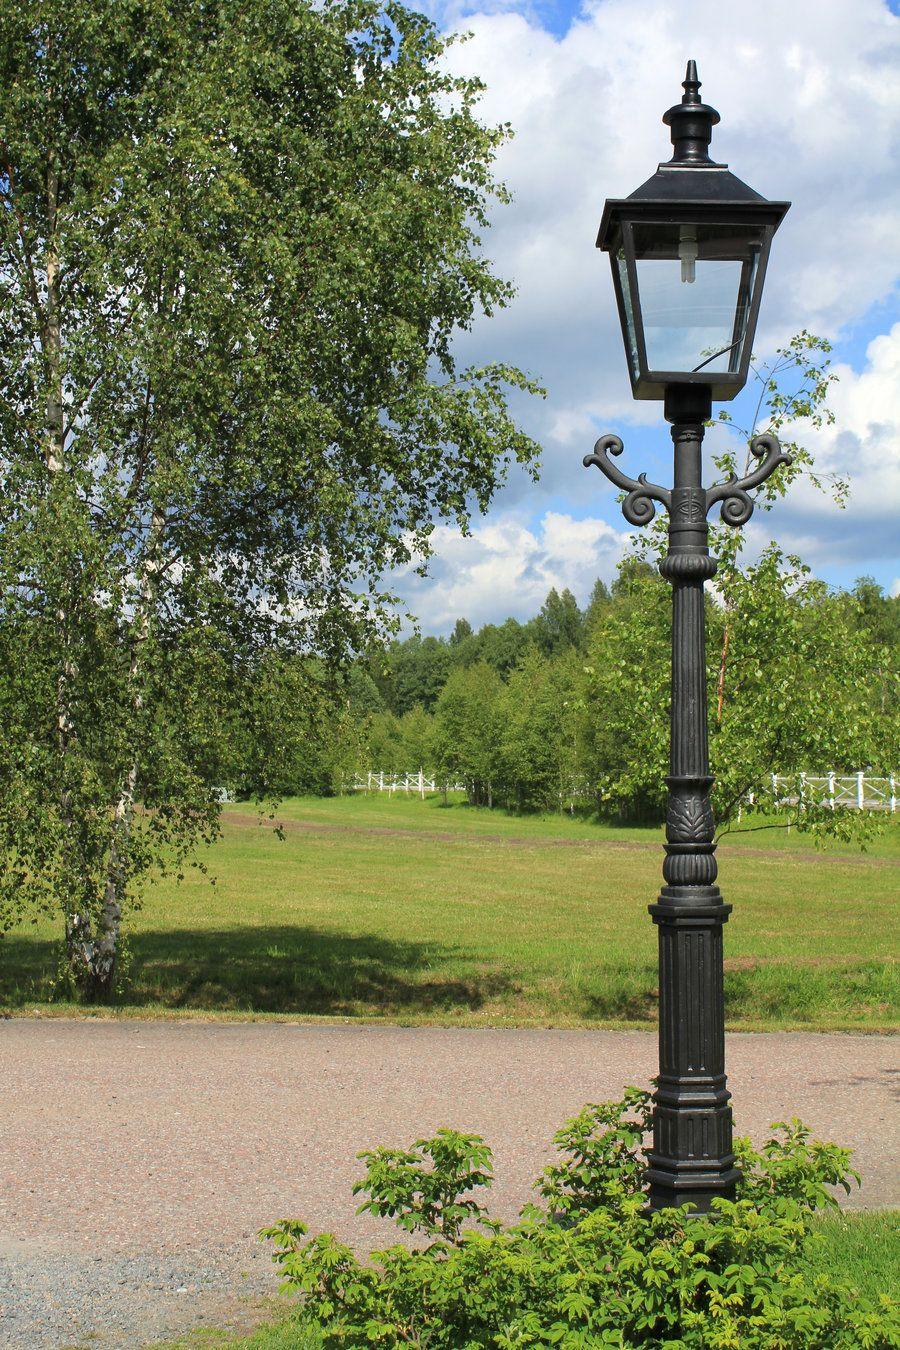 Old Lamp Post Lantern